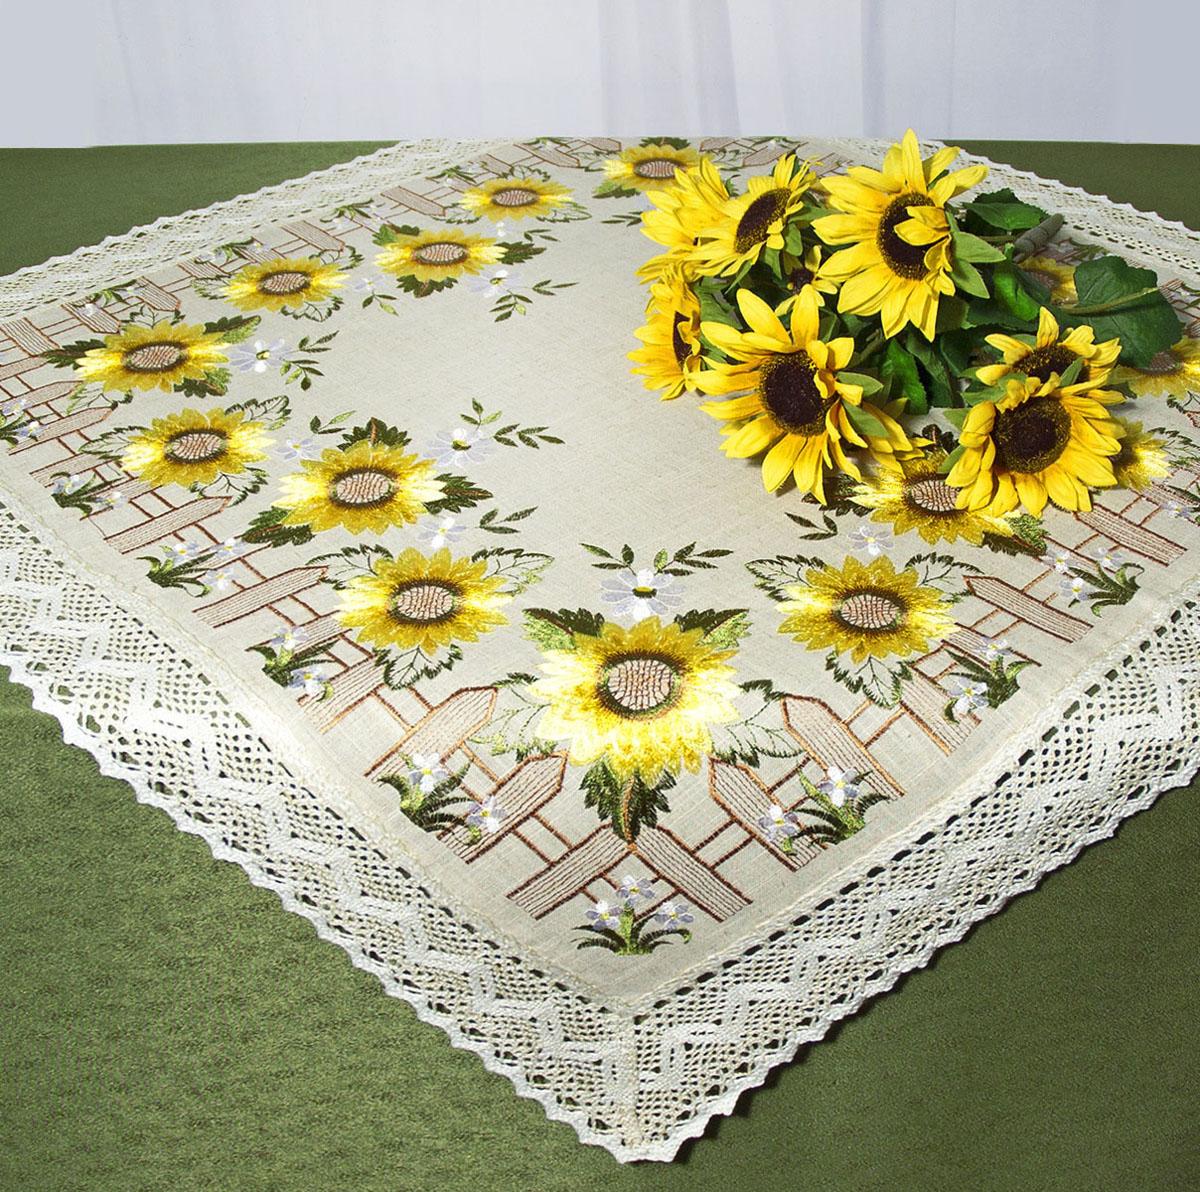 Скатерть Schaefer, квадратная, цвет: серый, желтый, 85x 85 см. 07493-1008497Скатерть Schaefer изготовлена из полиэстера и украшена цветочной вышивкой. Края изделия оформлены в технике ришелье.Изделия из полиэстера легко стирать: они не мнутся, не садятся и быстро сохнут, они более долговечны, чем изделия из натуральных волокон. Кроме того, ткань обладает водоотталкивающими свойствами. Такая скатерть будет просто не заменима на кухне, а особенно на вашем обеденном столе на даче под открытым небом. Скатерть Schaefer не останется без внимания ваших гостей, а вас будет ежедневно радовать ярким дизайном и несравненным качеством.Немецкая компания Schaefer создана в 1921 году. На протяжении всего времени существования она создает уникальные коллекции домашнего текстиля для гостиных, спален, кухонь и ванных комнат. Дизайнерские идеи немецких художников компании Schaefer воплощаются в текстильных изделиях, которые сделают ваш дом красивее и уютнее и не останутся незамеченными вашими гостями. Дарите себе и близким красоту каждый день! Изысканный текстиль от немецкой компании Schaefer - это красота, стиль и уют в вашем доме.